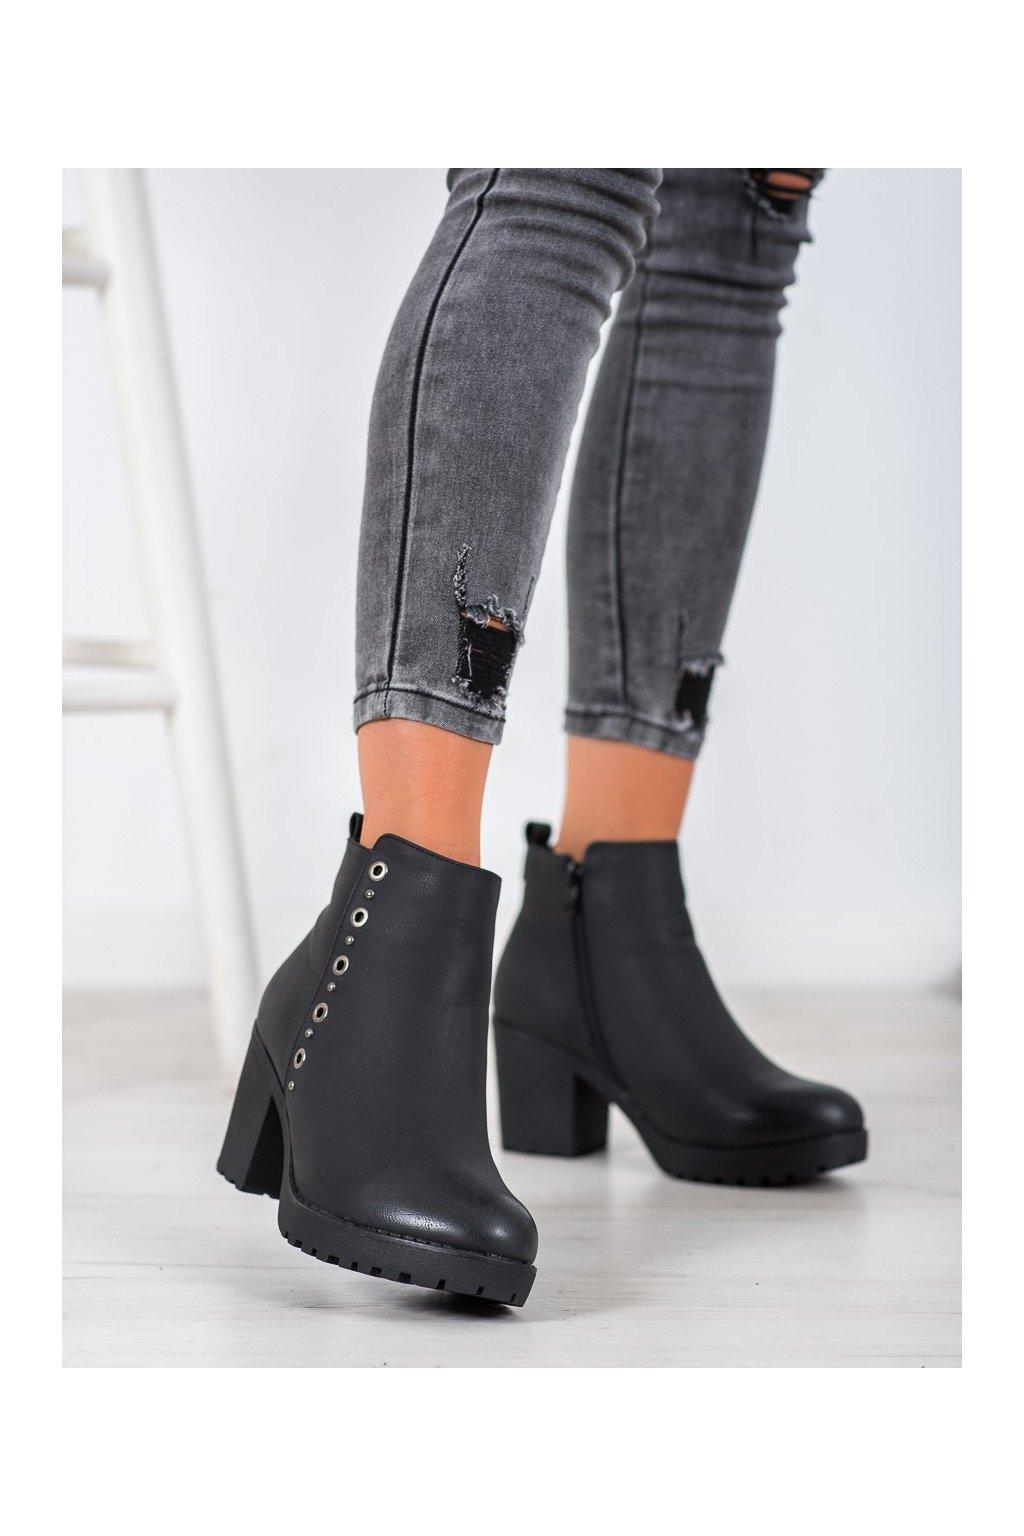 Čierne dámske topánky J. star kod S1824B